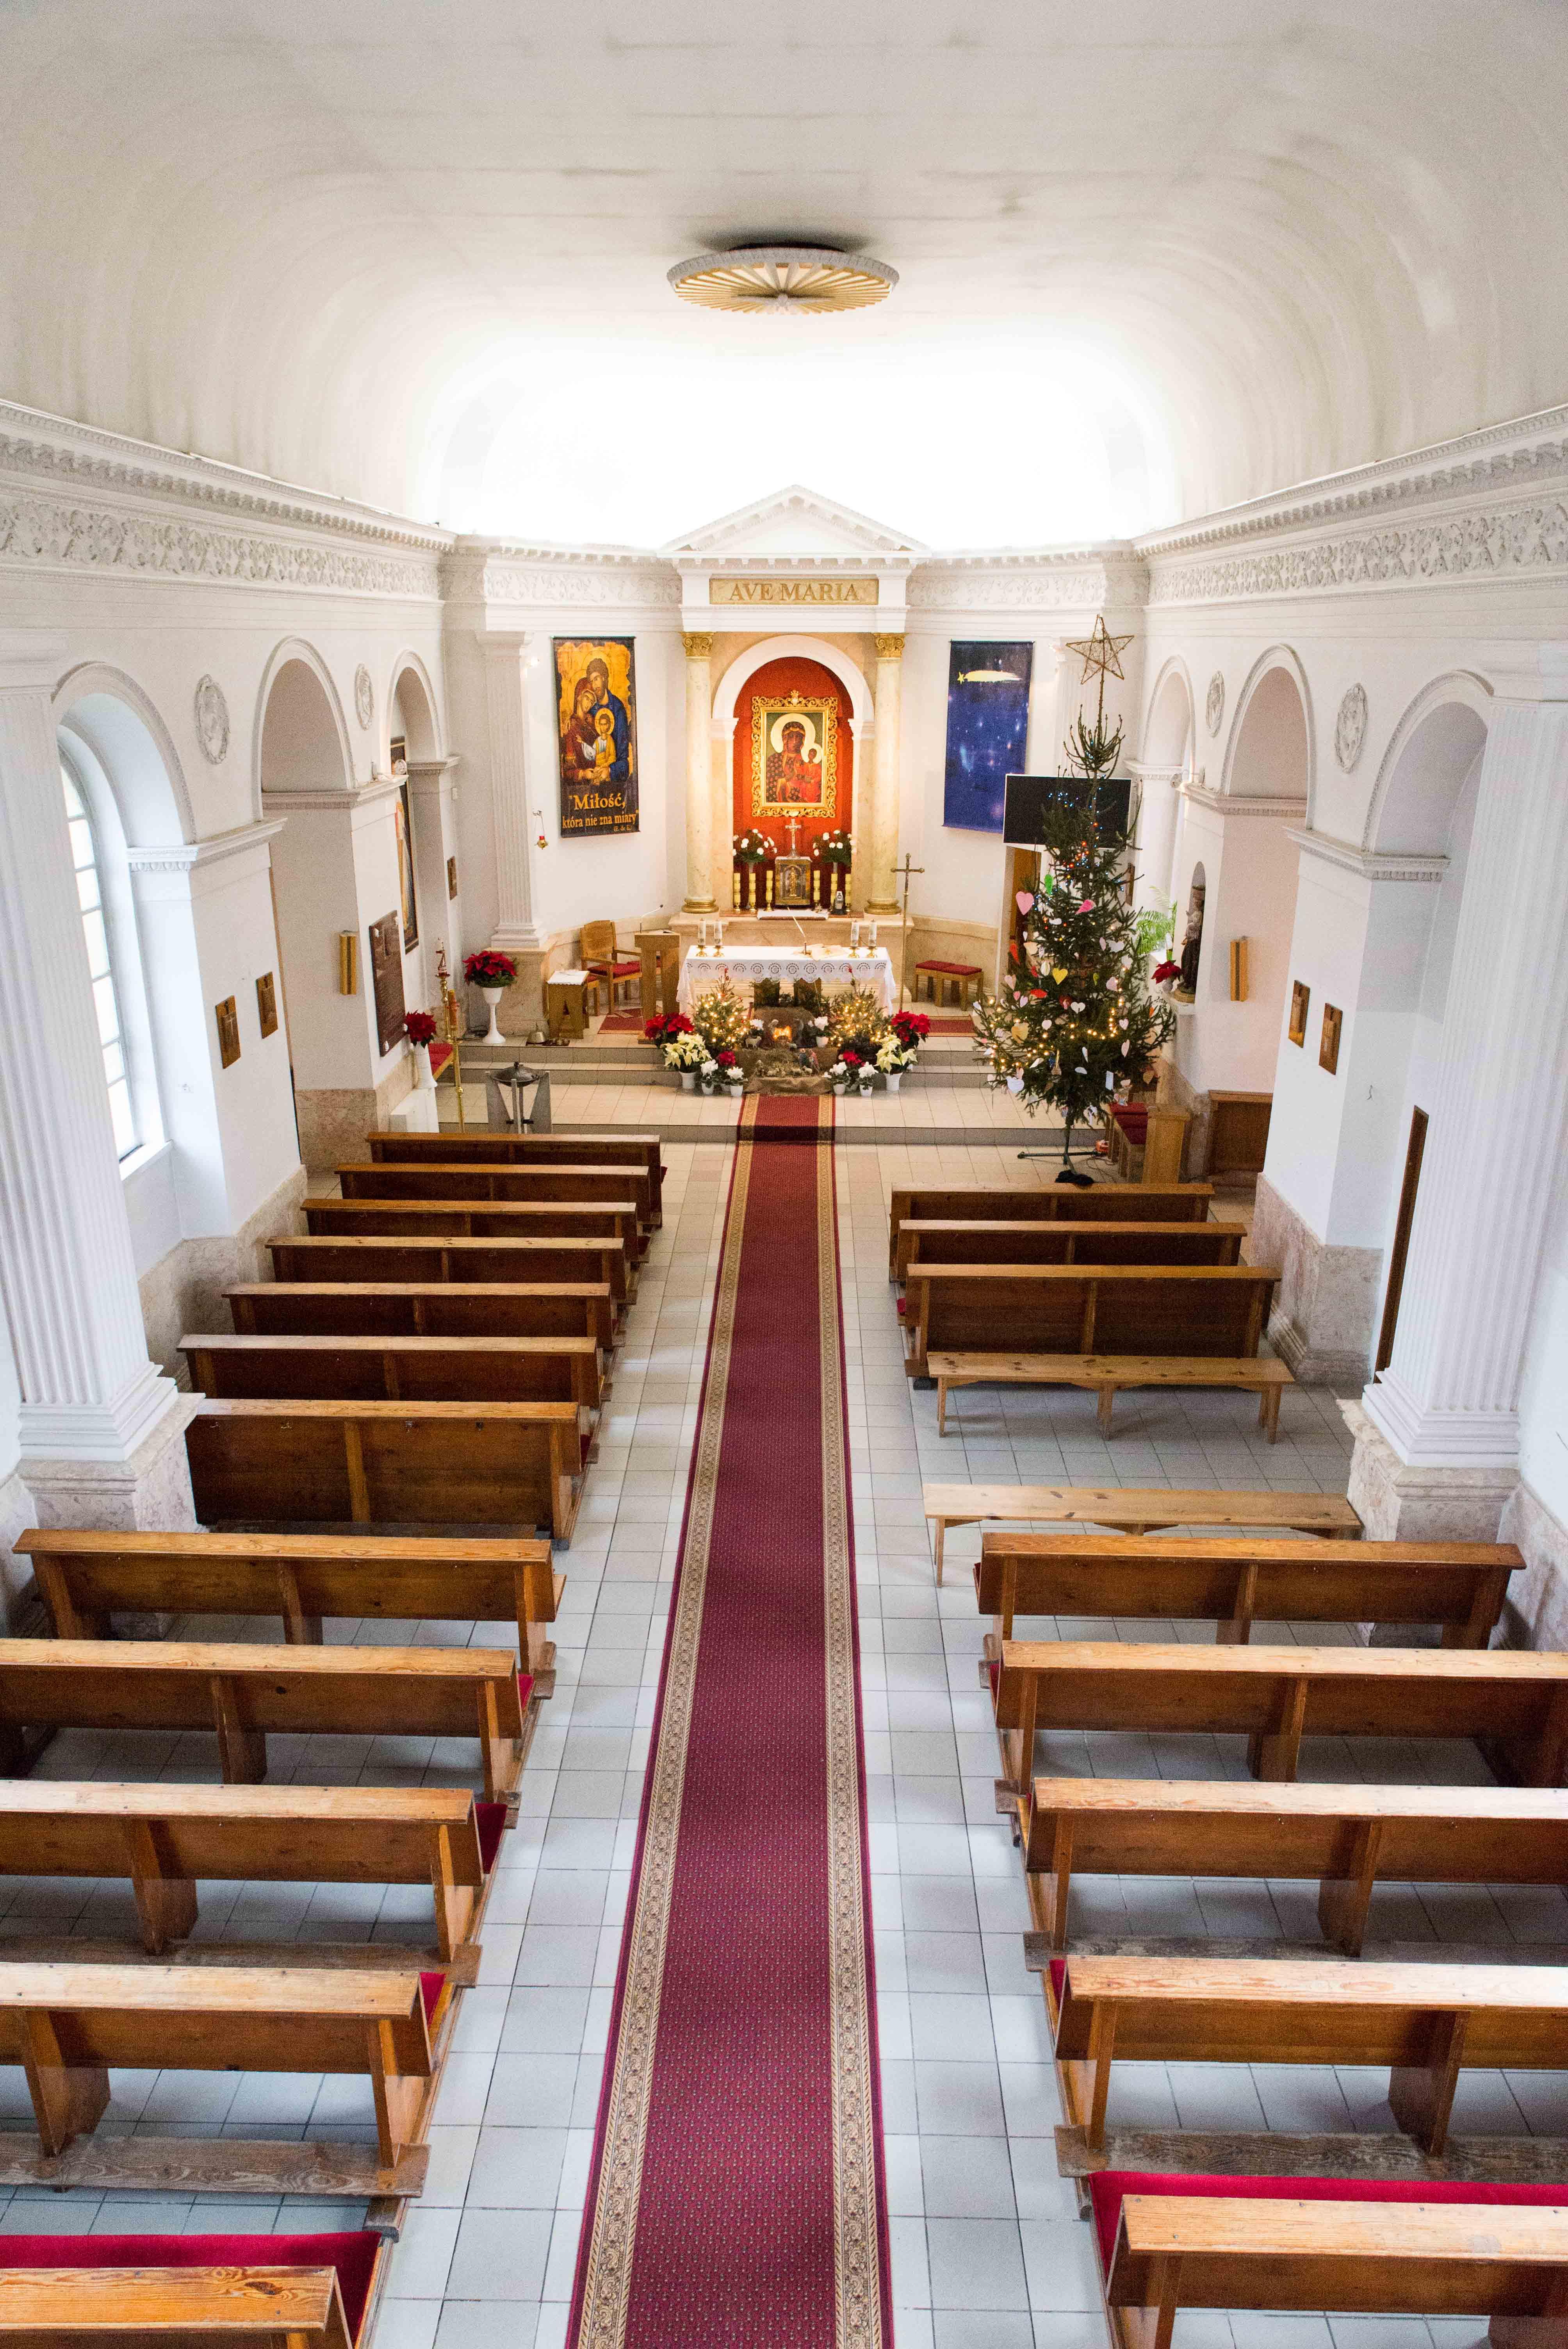 Kosciol Najswietszej Maryi Panny Czestochowskiej we Wroclawiu male (4)